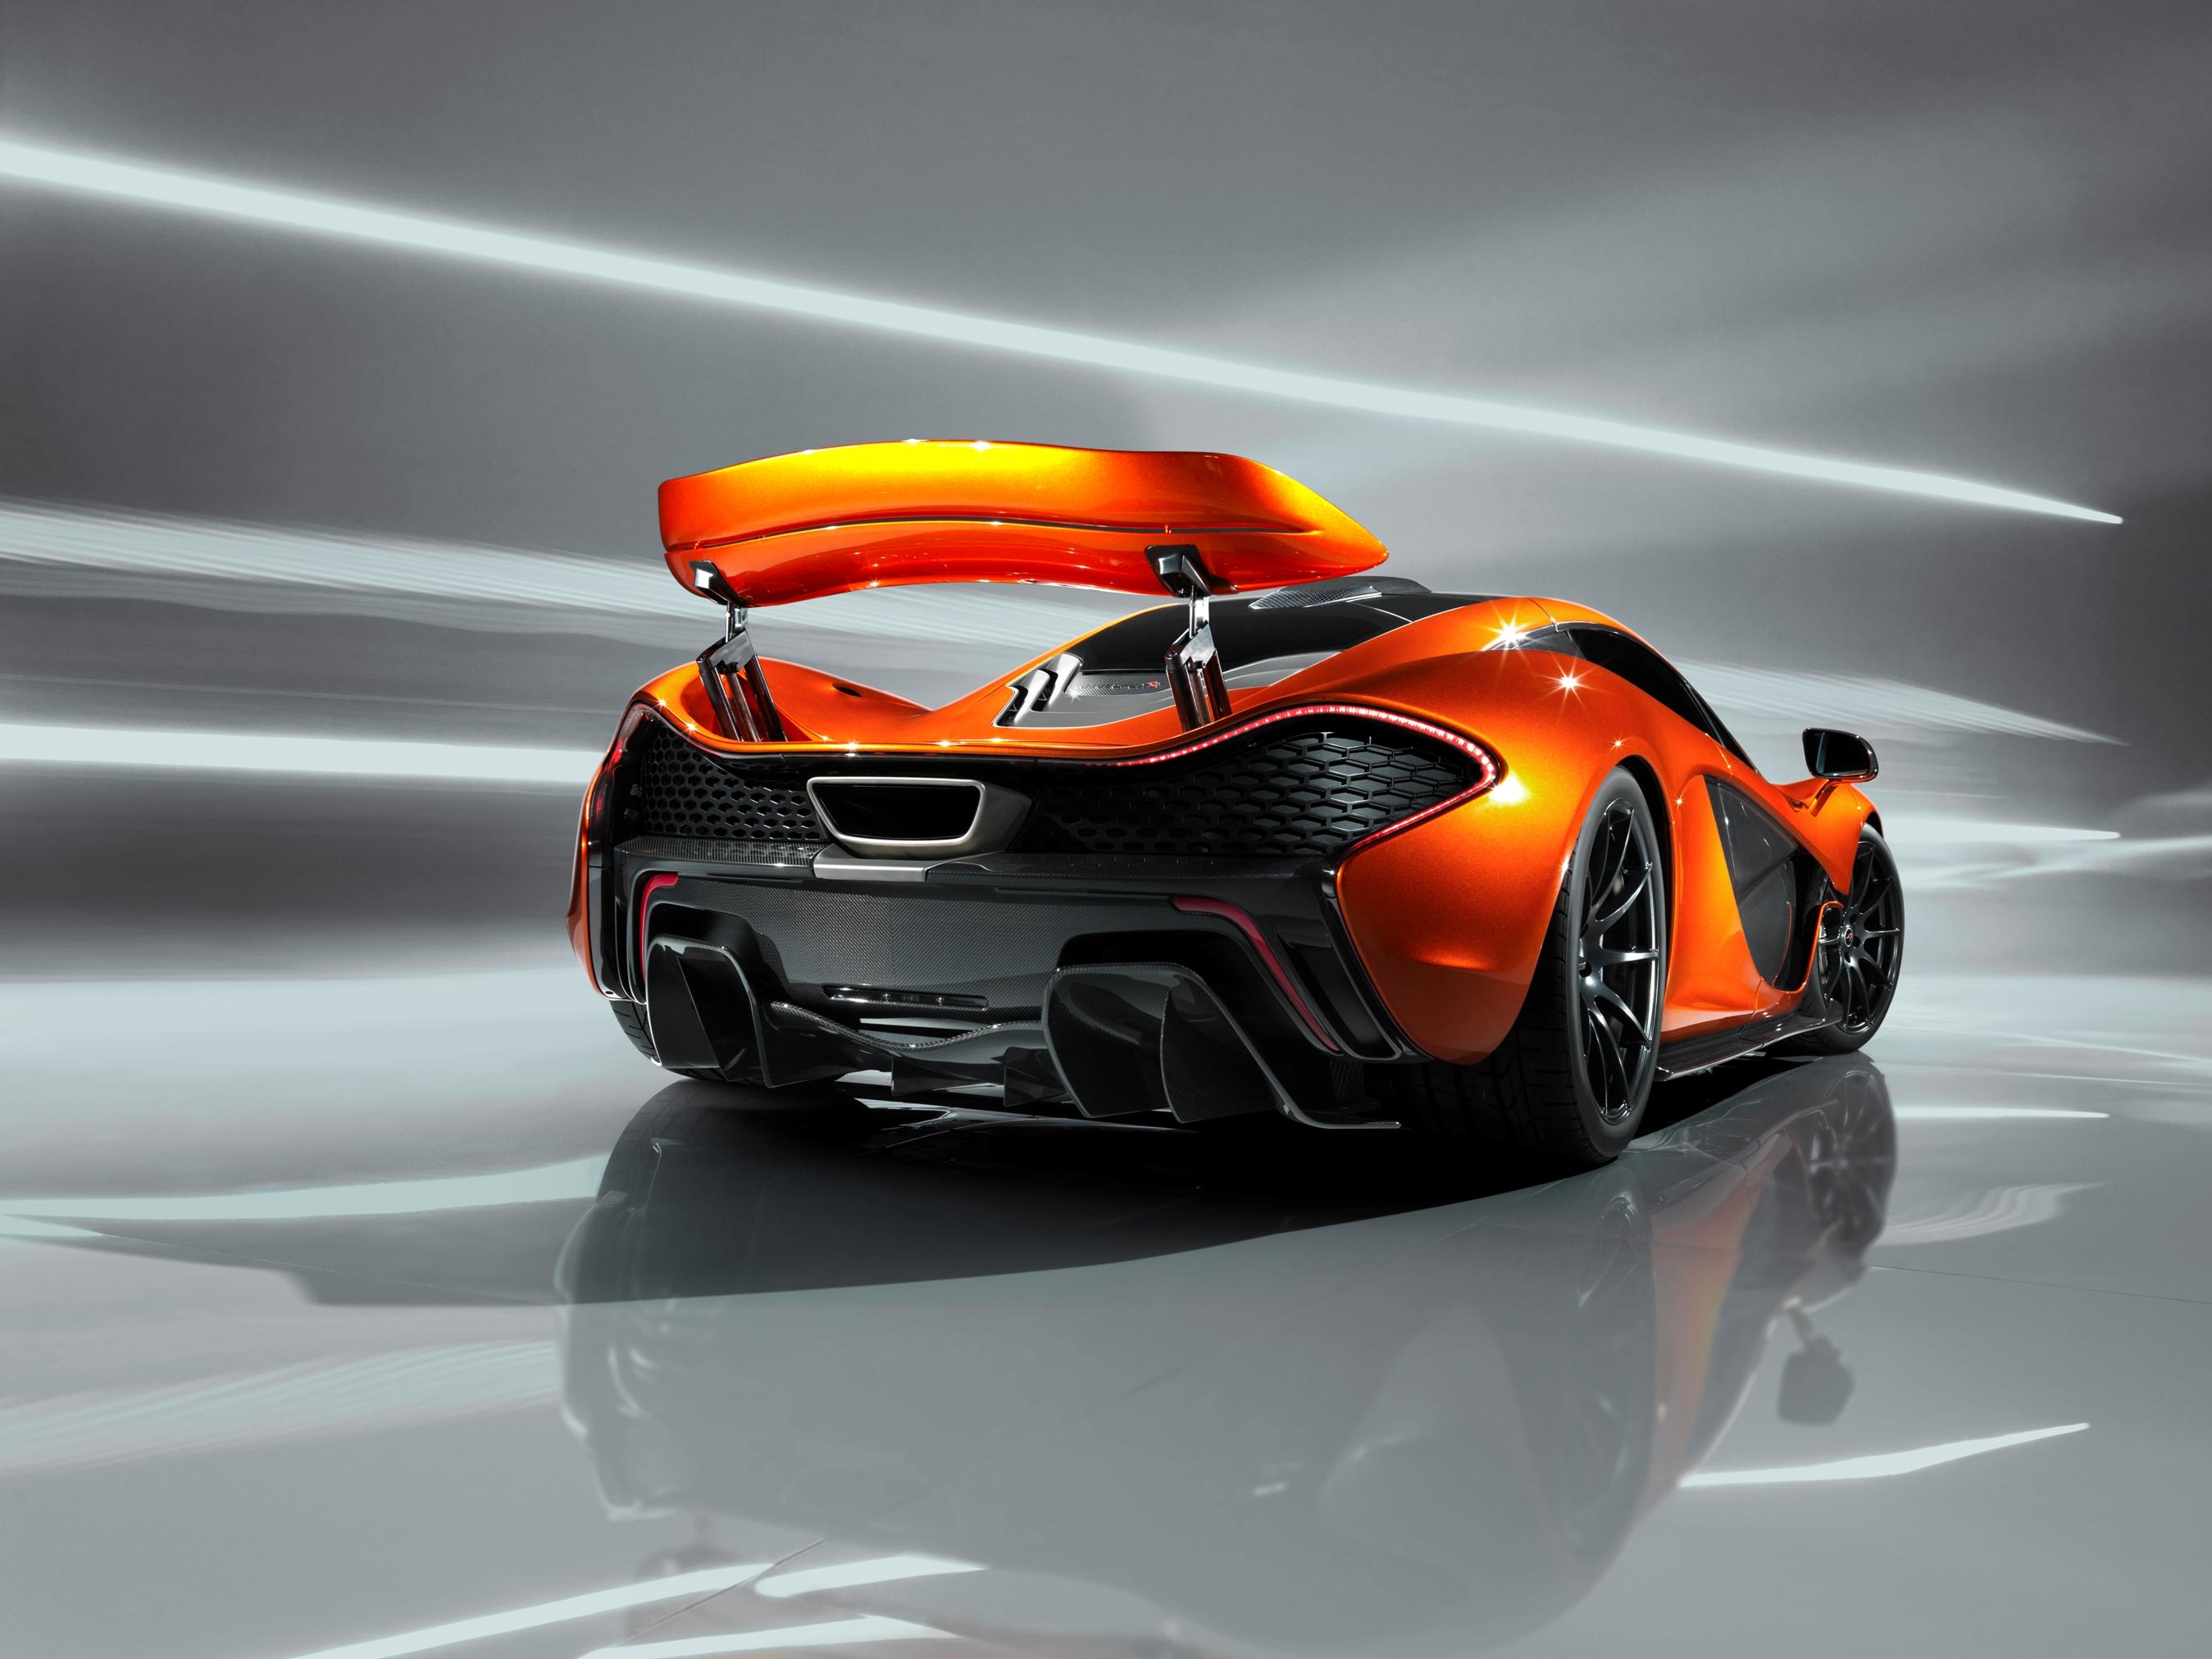 McLaren P1 Paris design concept - rear wing raised